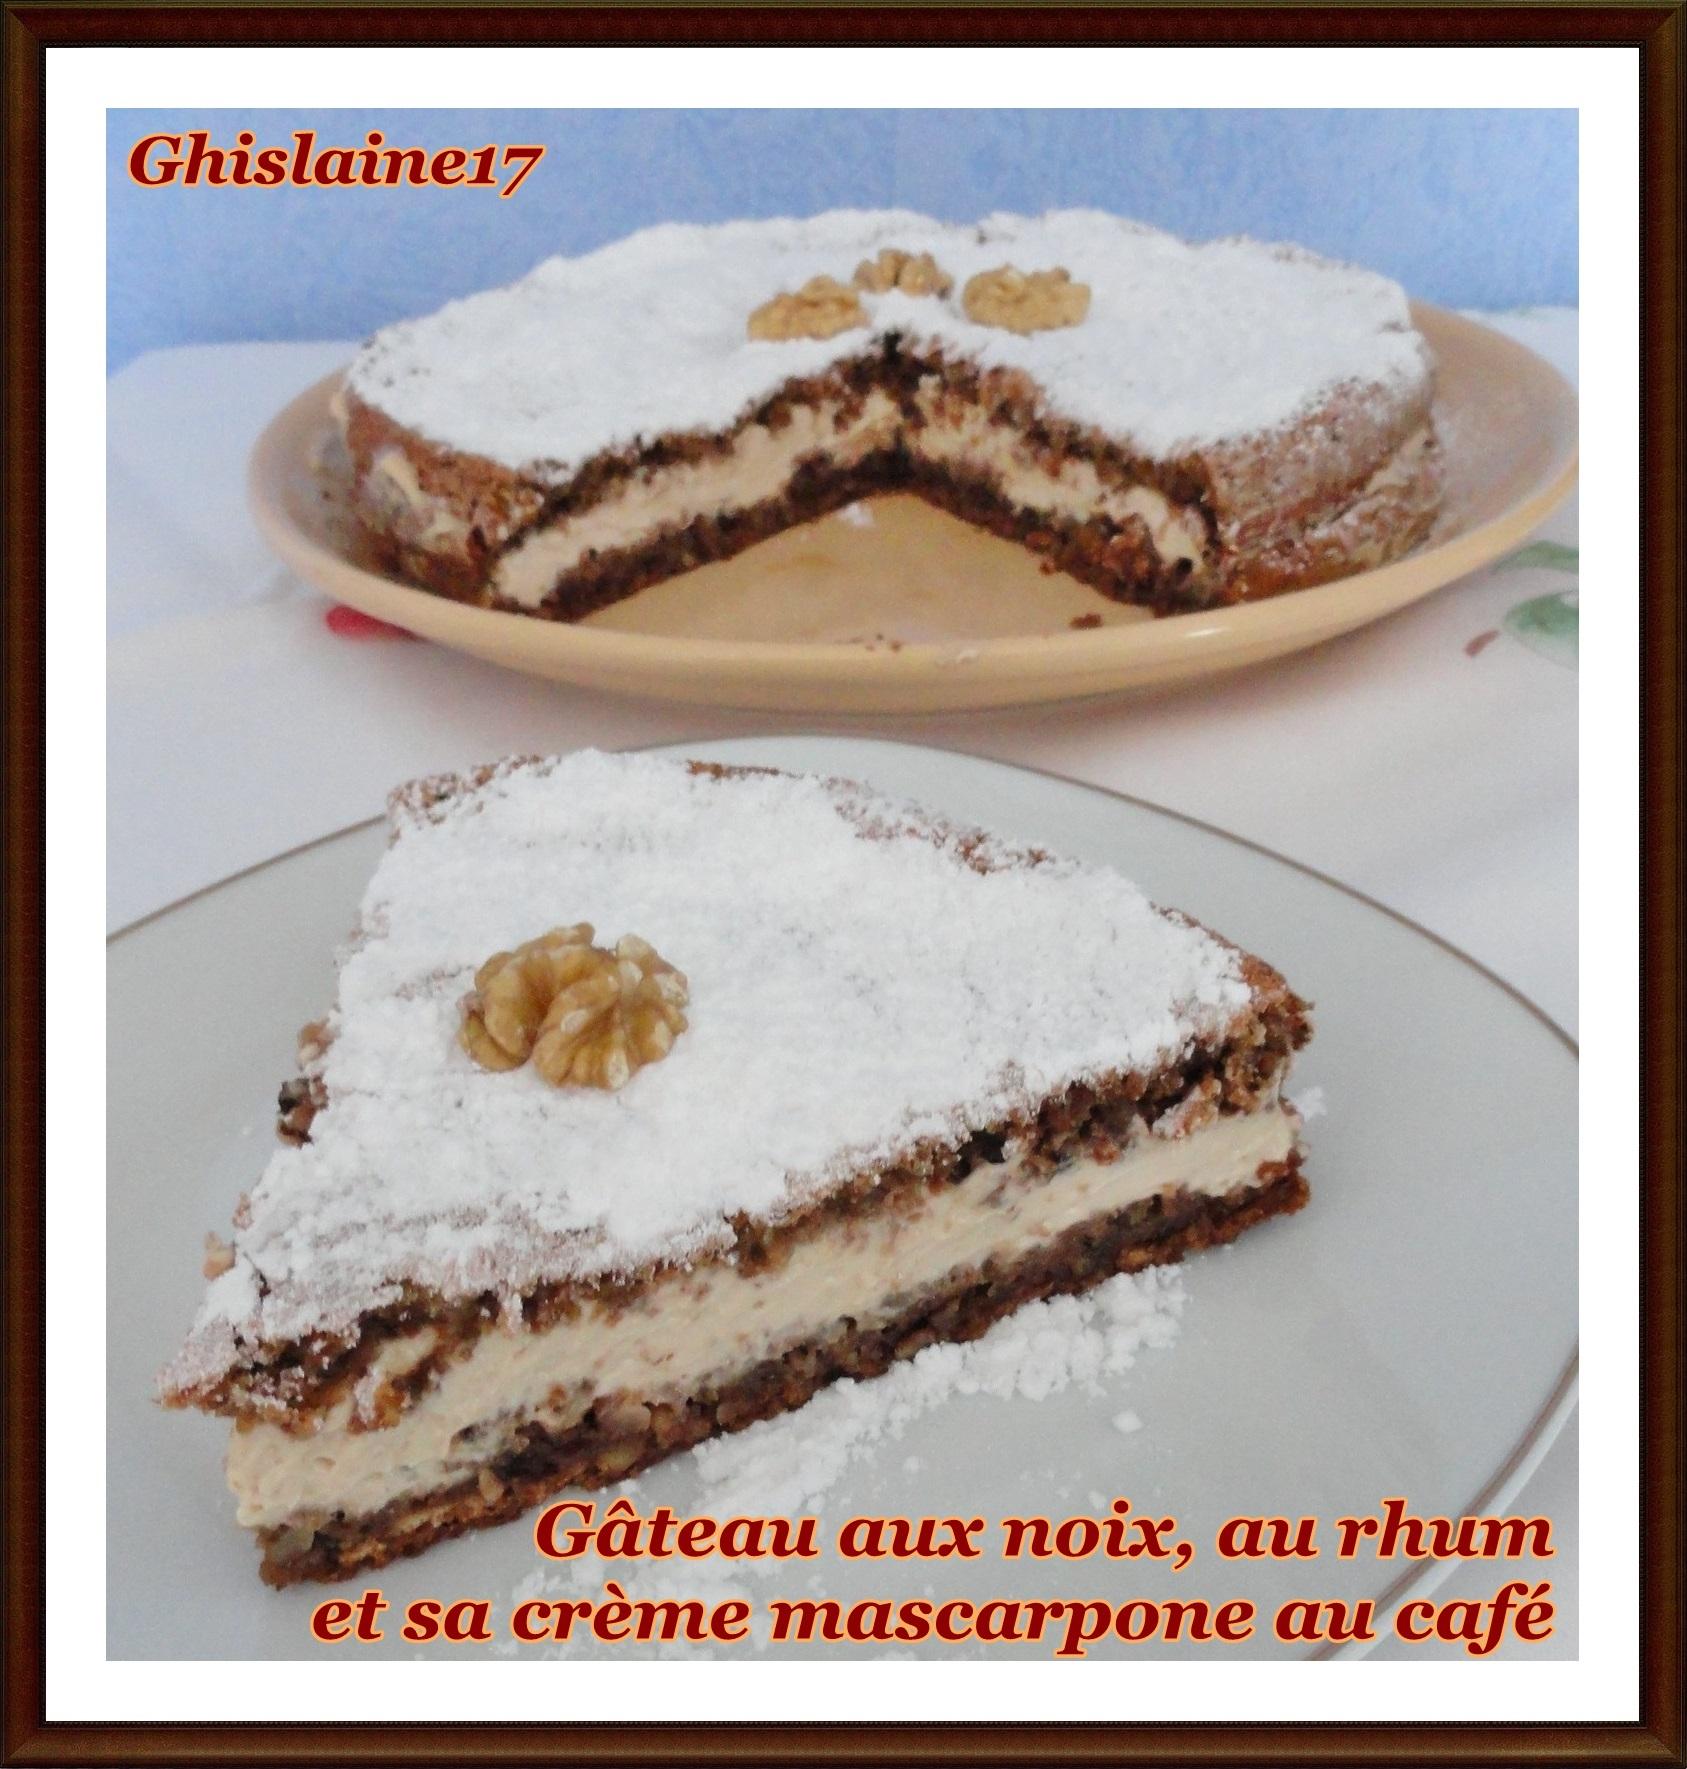 Gâteau aux noix, au rhum et sa crème mascarpone au café